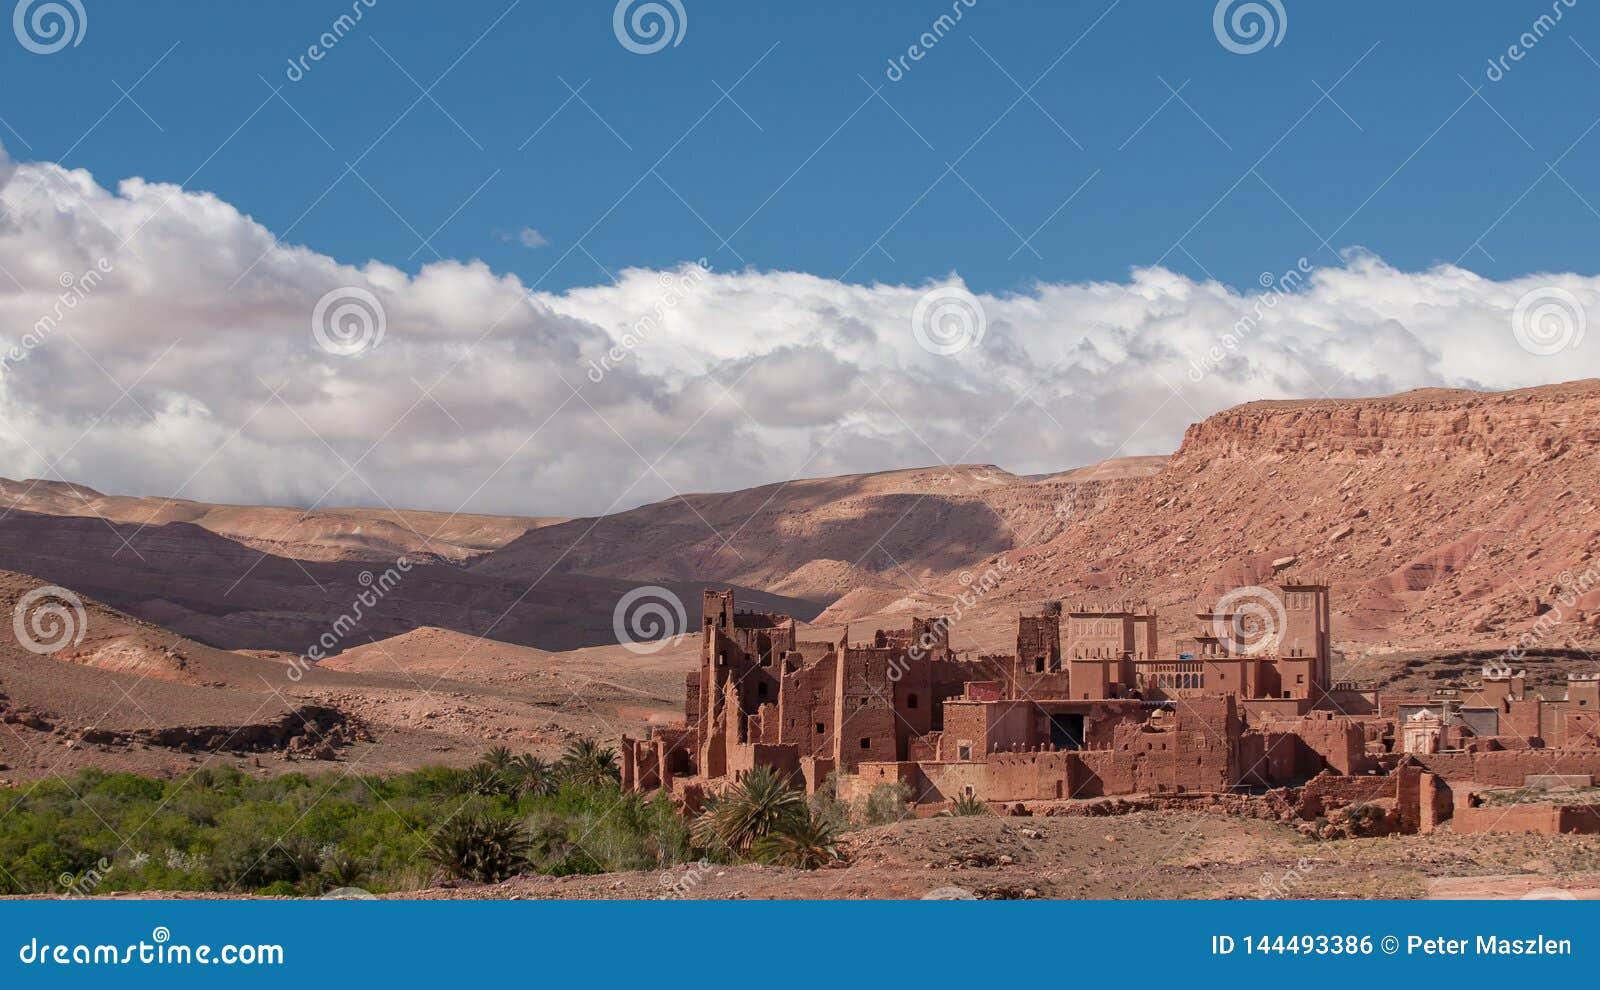 Altes Kasbah-Dorf in der Wüste von Marokko